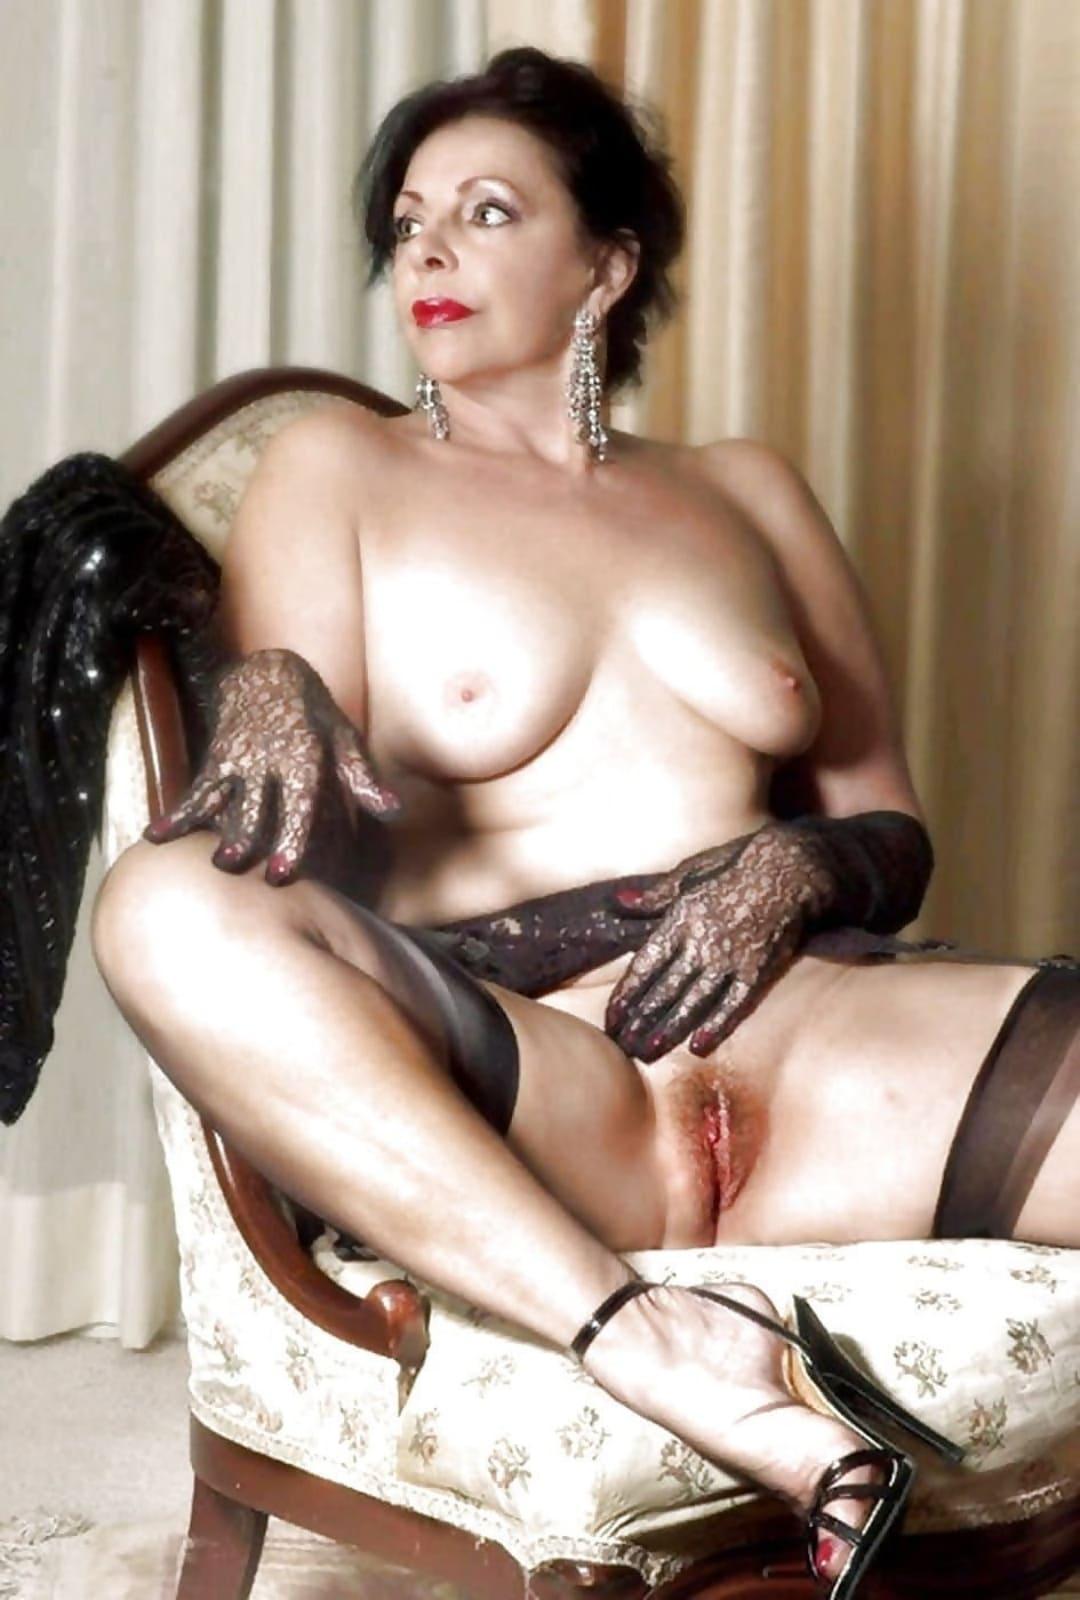 Эротика шикарная зрелая дама с голой небольшой грудью сидит в капроновых черных чулках в кресле раздвинула ноги засветила свою пизду с интимной стрижкой, открытые босоножки на каблуке, на руках короткие кружевные черные перчатки, в ушах длинные серьги